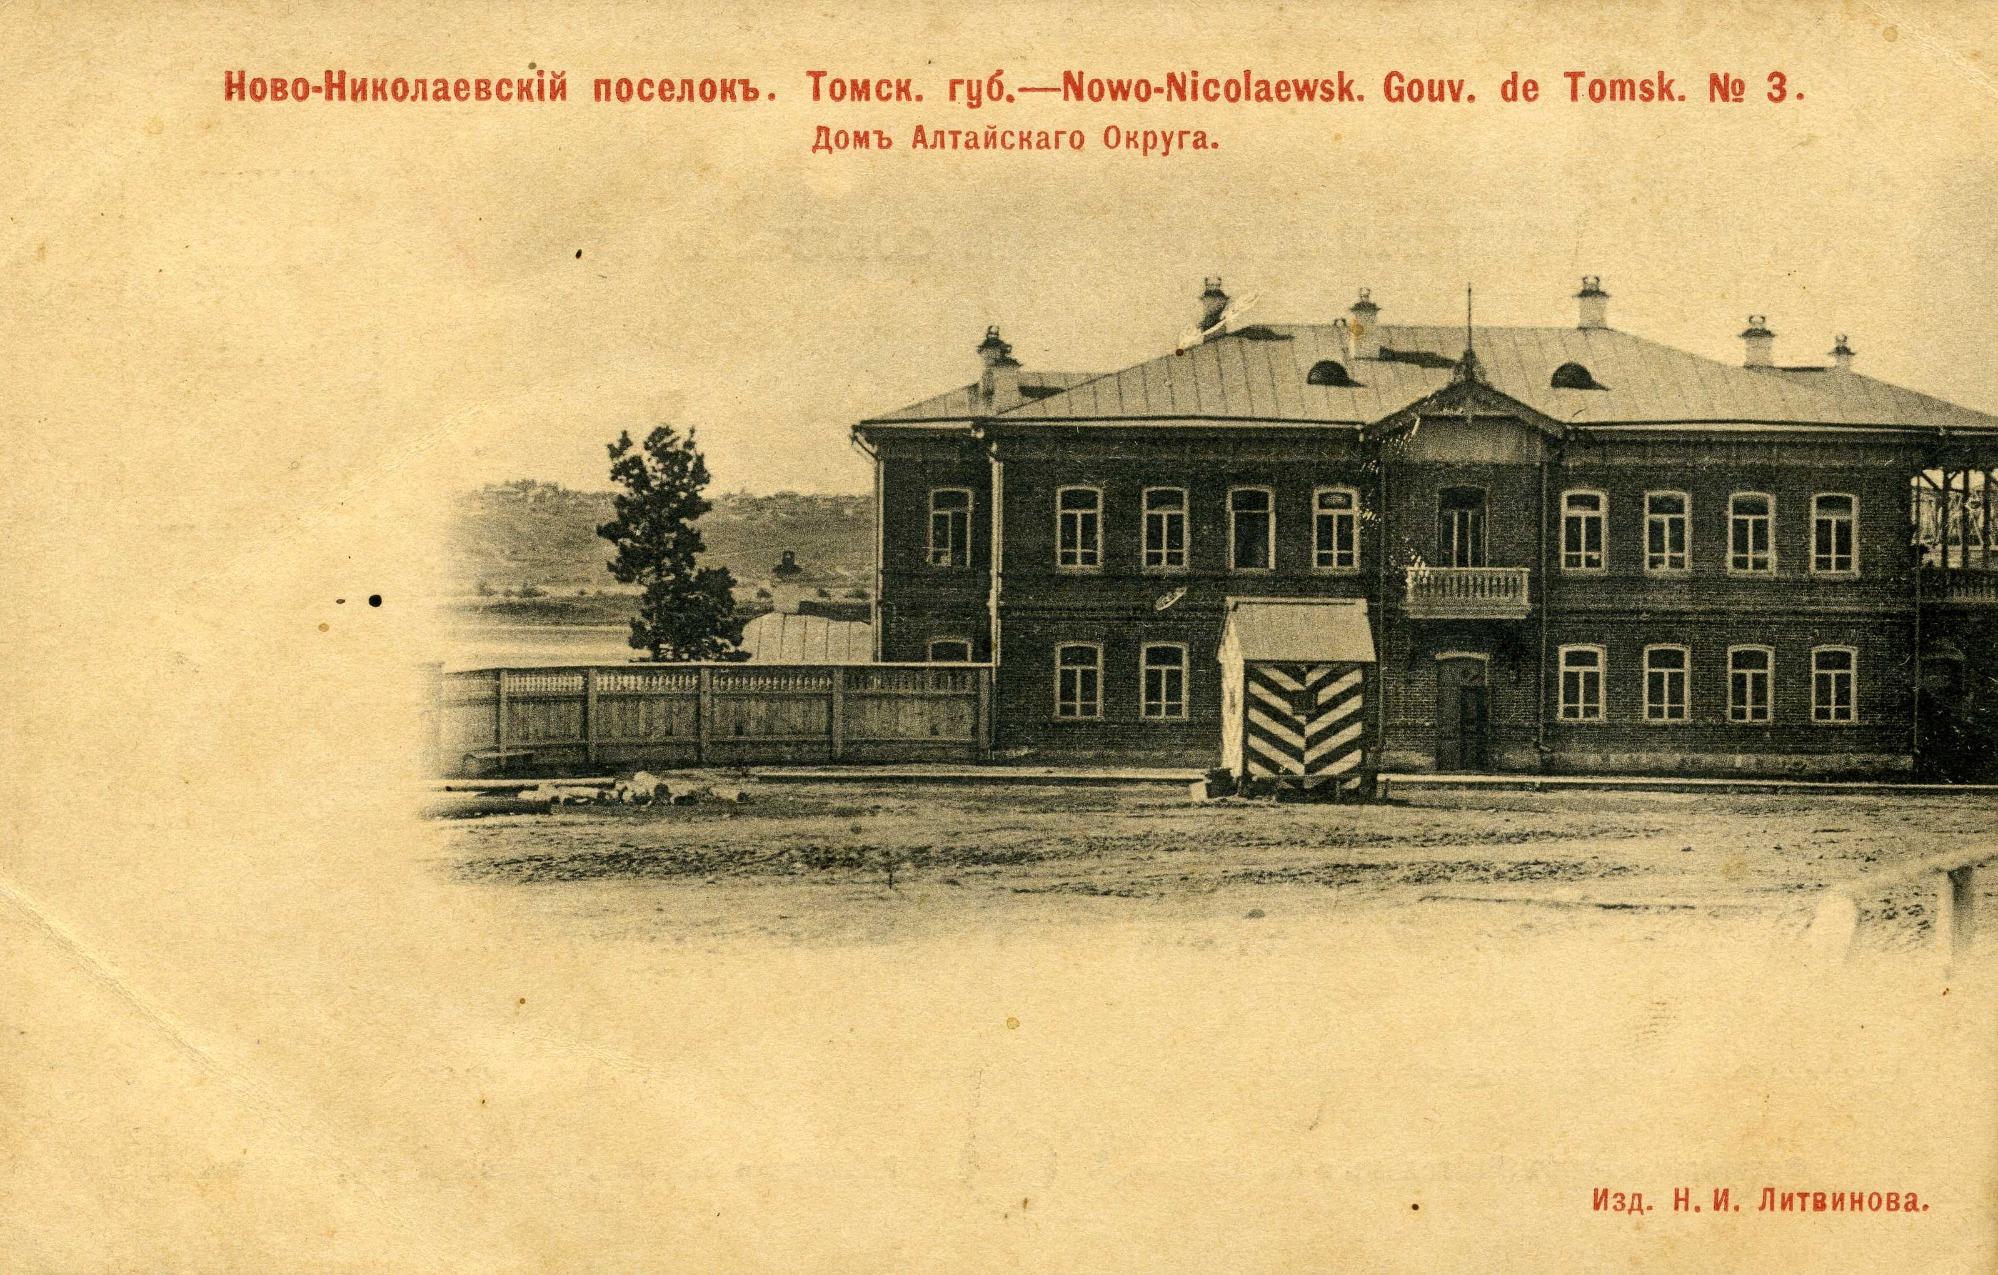 Так здание выглядело более 100 лет назад —будку городового на переднем плане обещают восстановить в прежнем виде